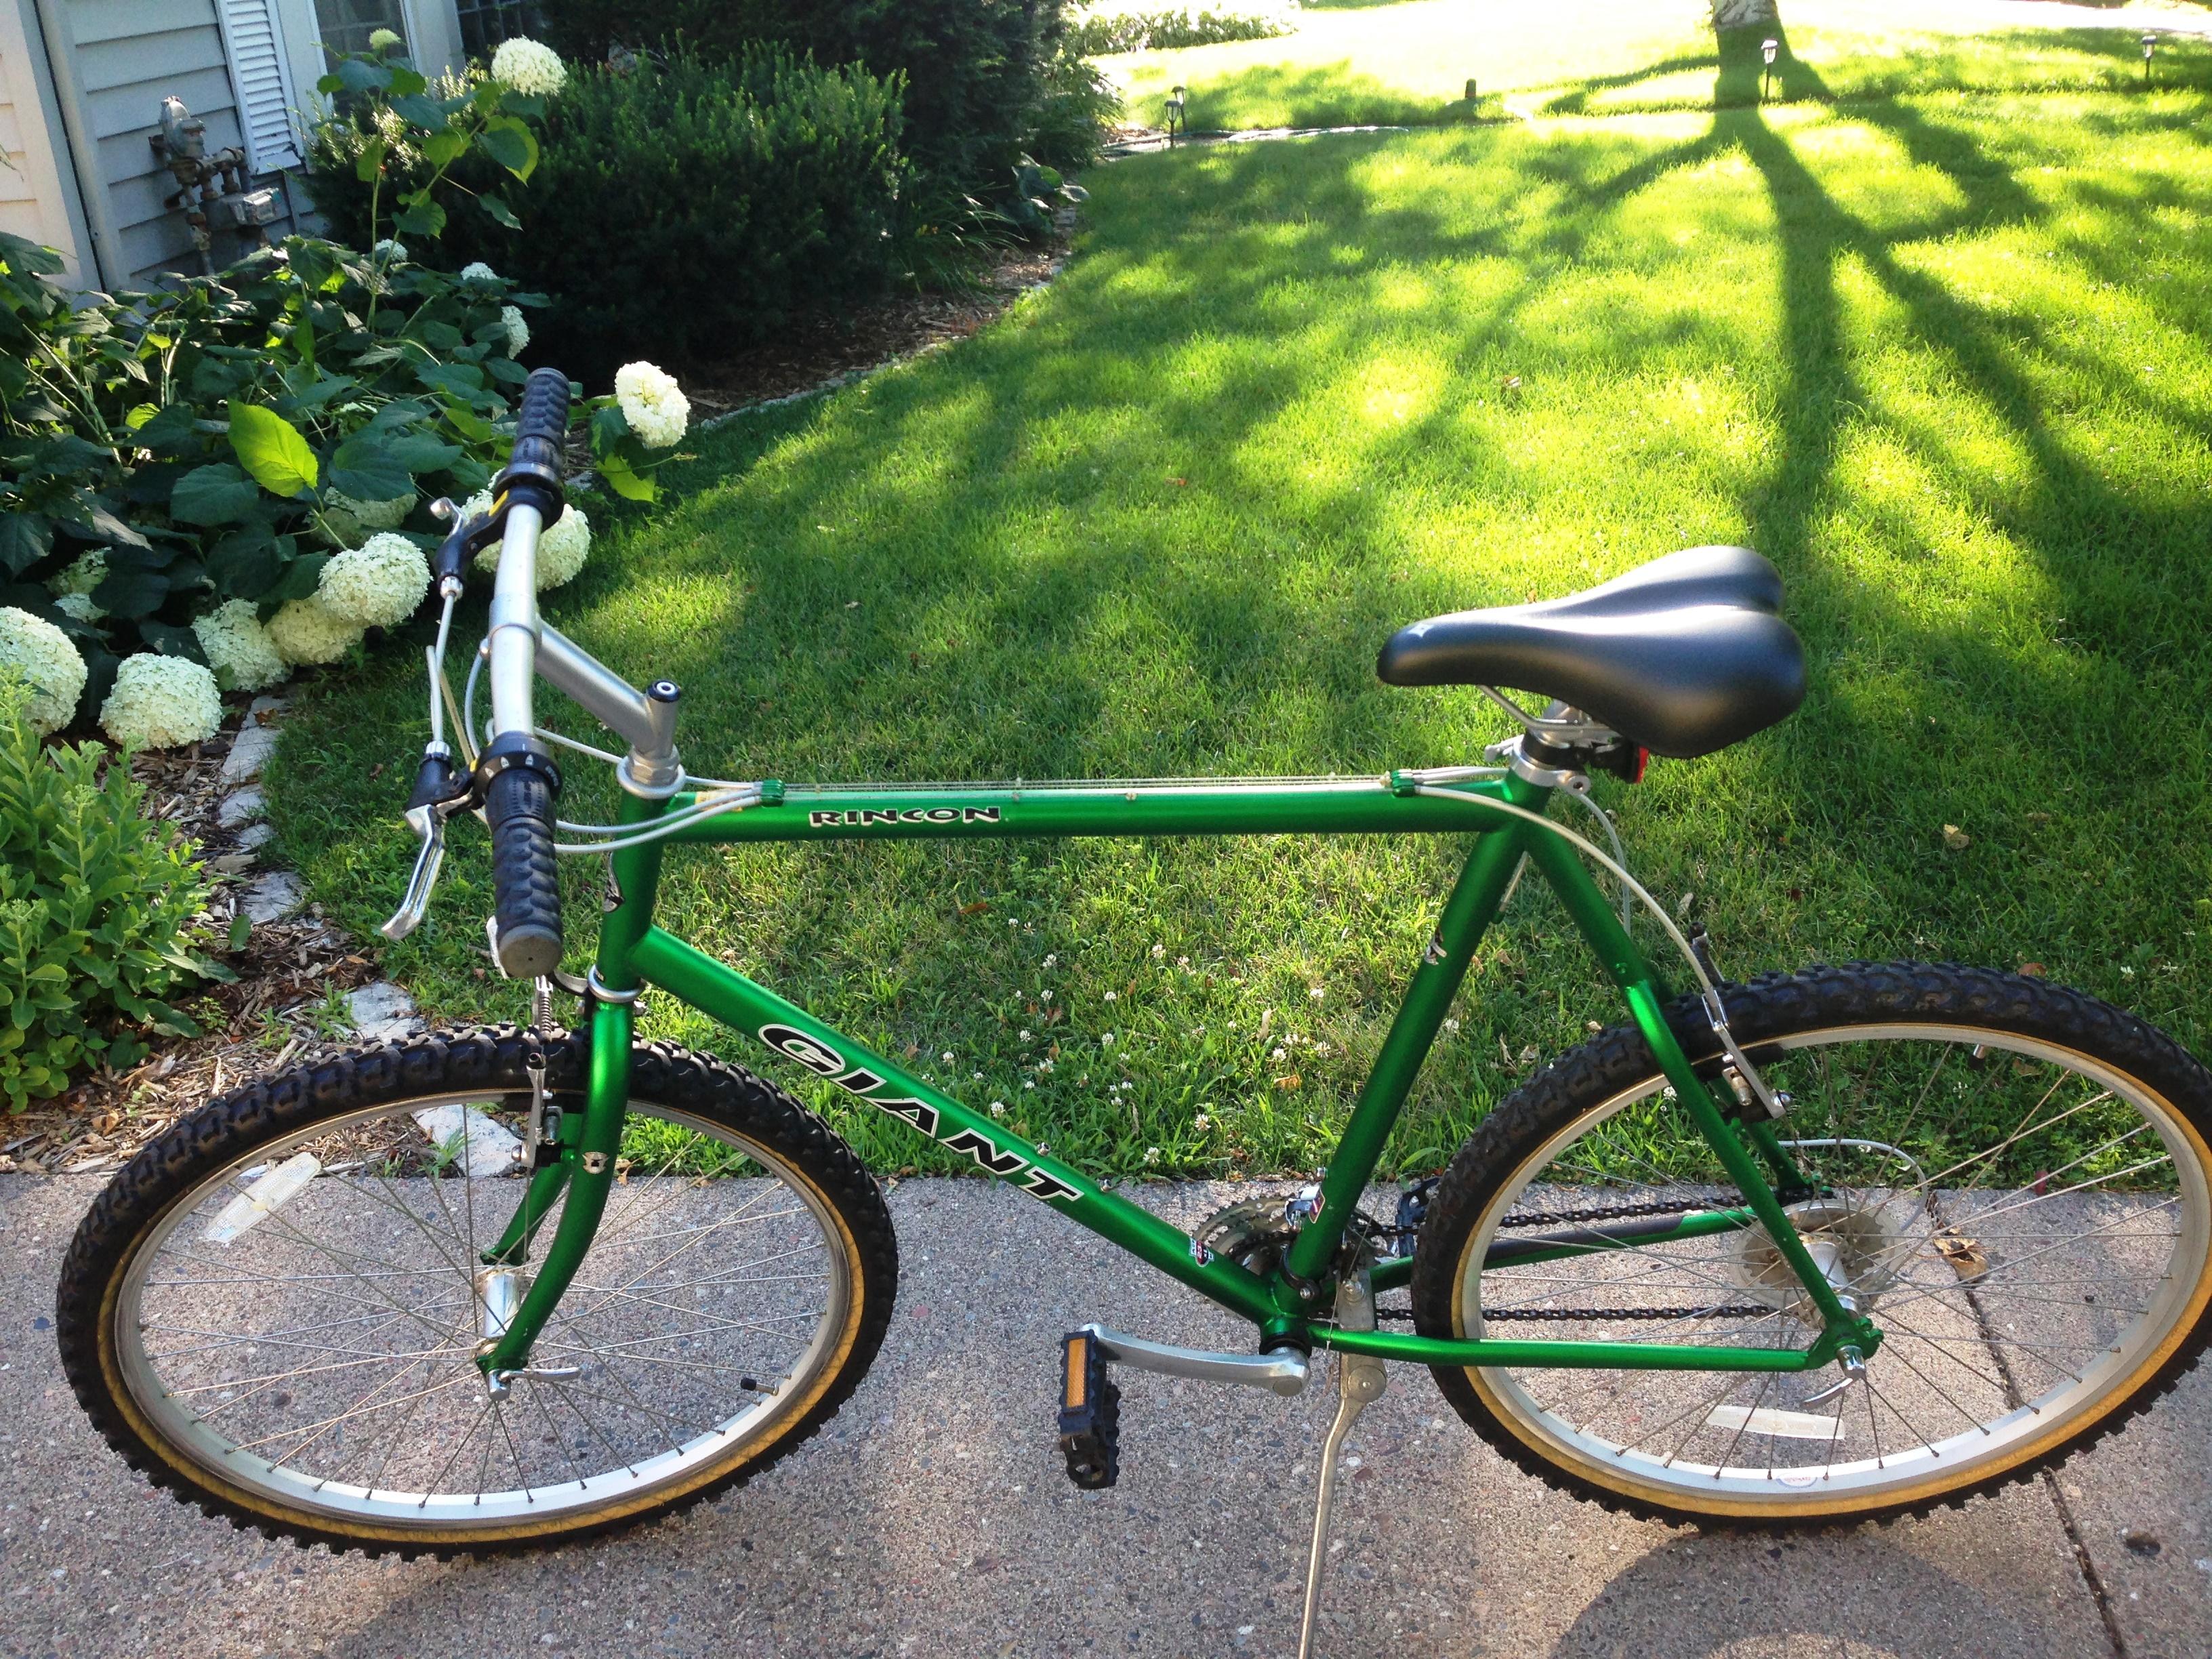 Lori's Bike